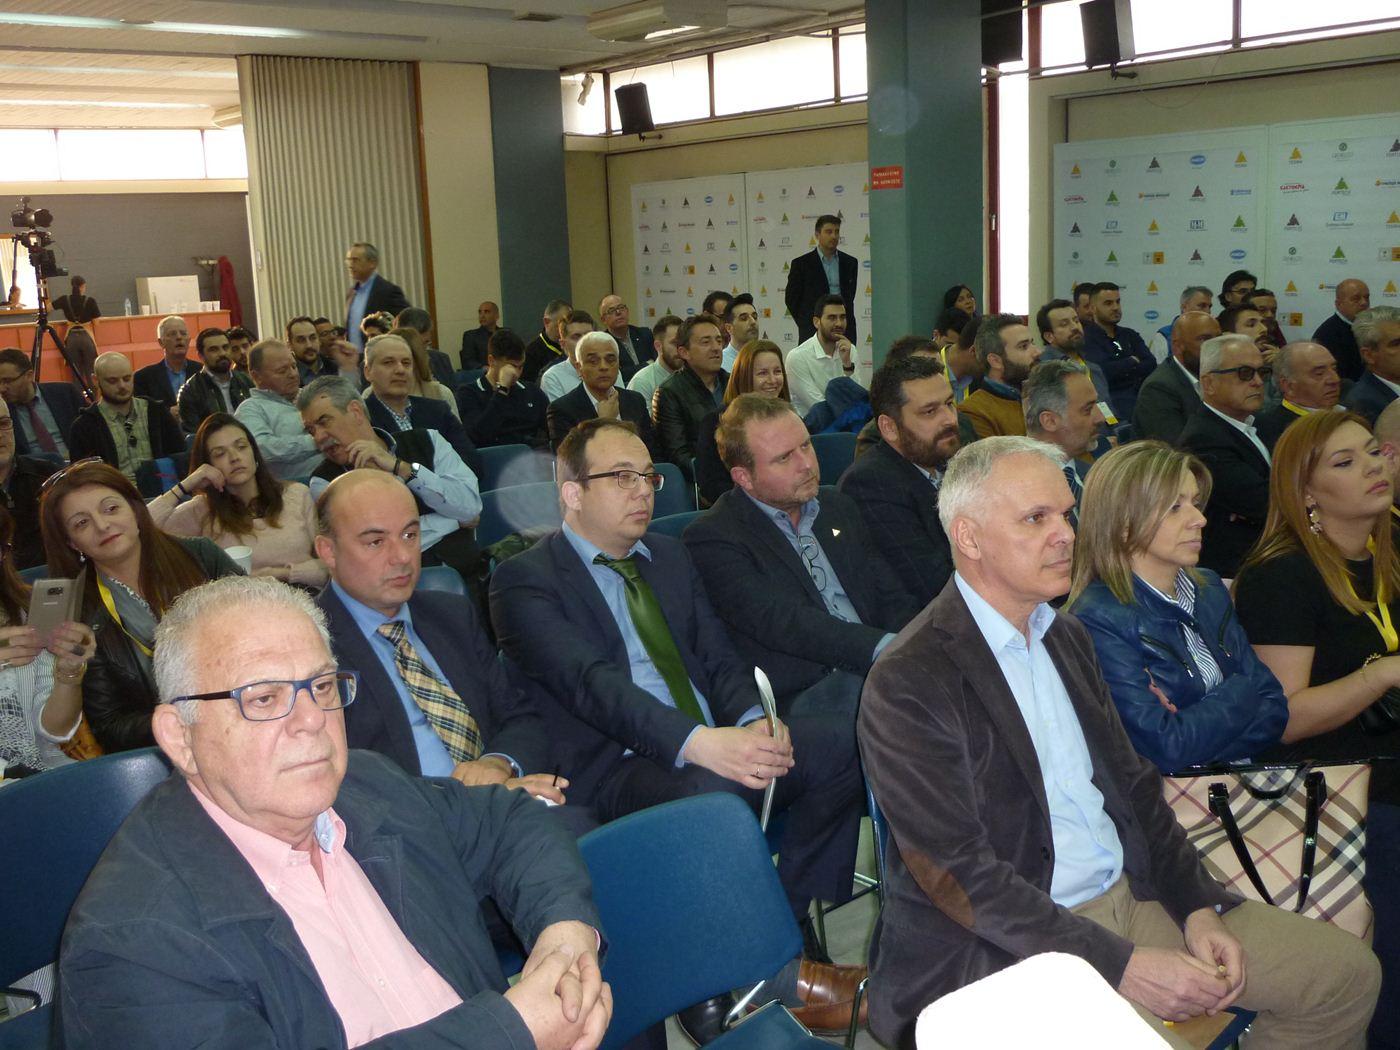 Σημαντική εσπερίδα για τη διαχείριση και αξιοποίηση αποβλήτων πραγματοποιήθηκε στο ΤΕΕ Λάρισας (φωτο)